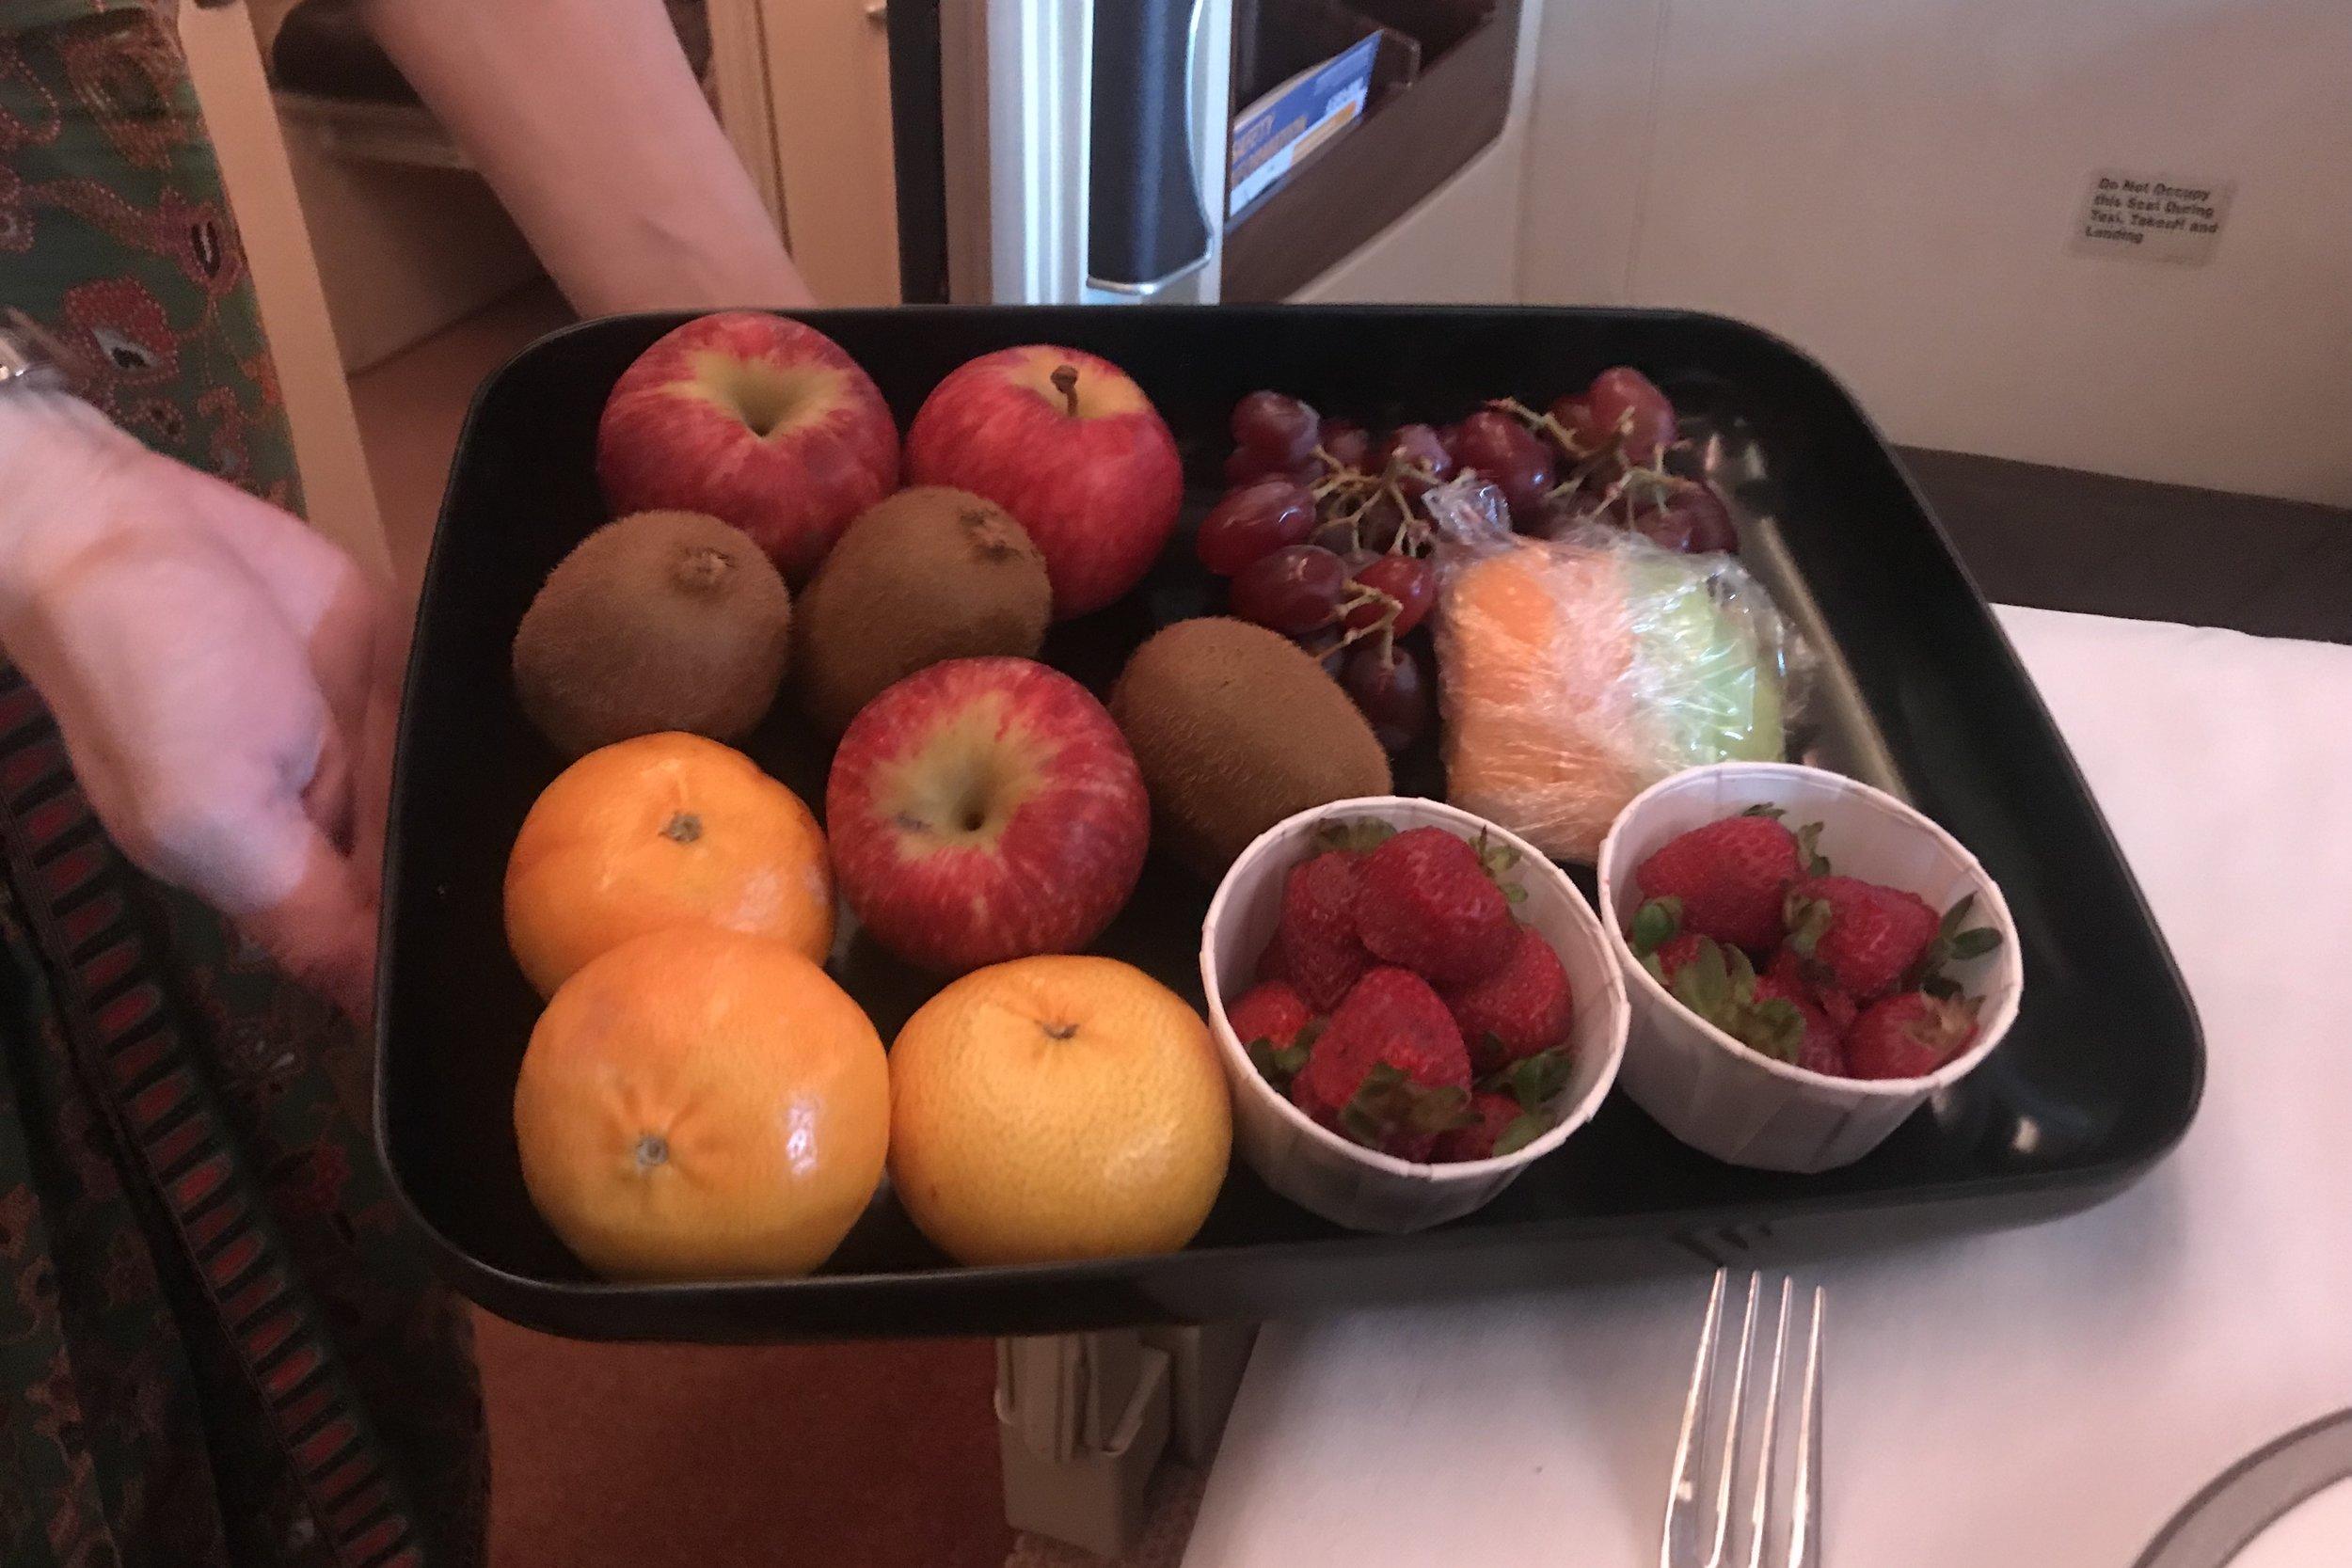 Singapore Airlines Suites Class – Fruit basket